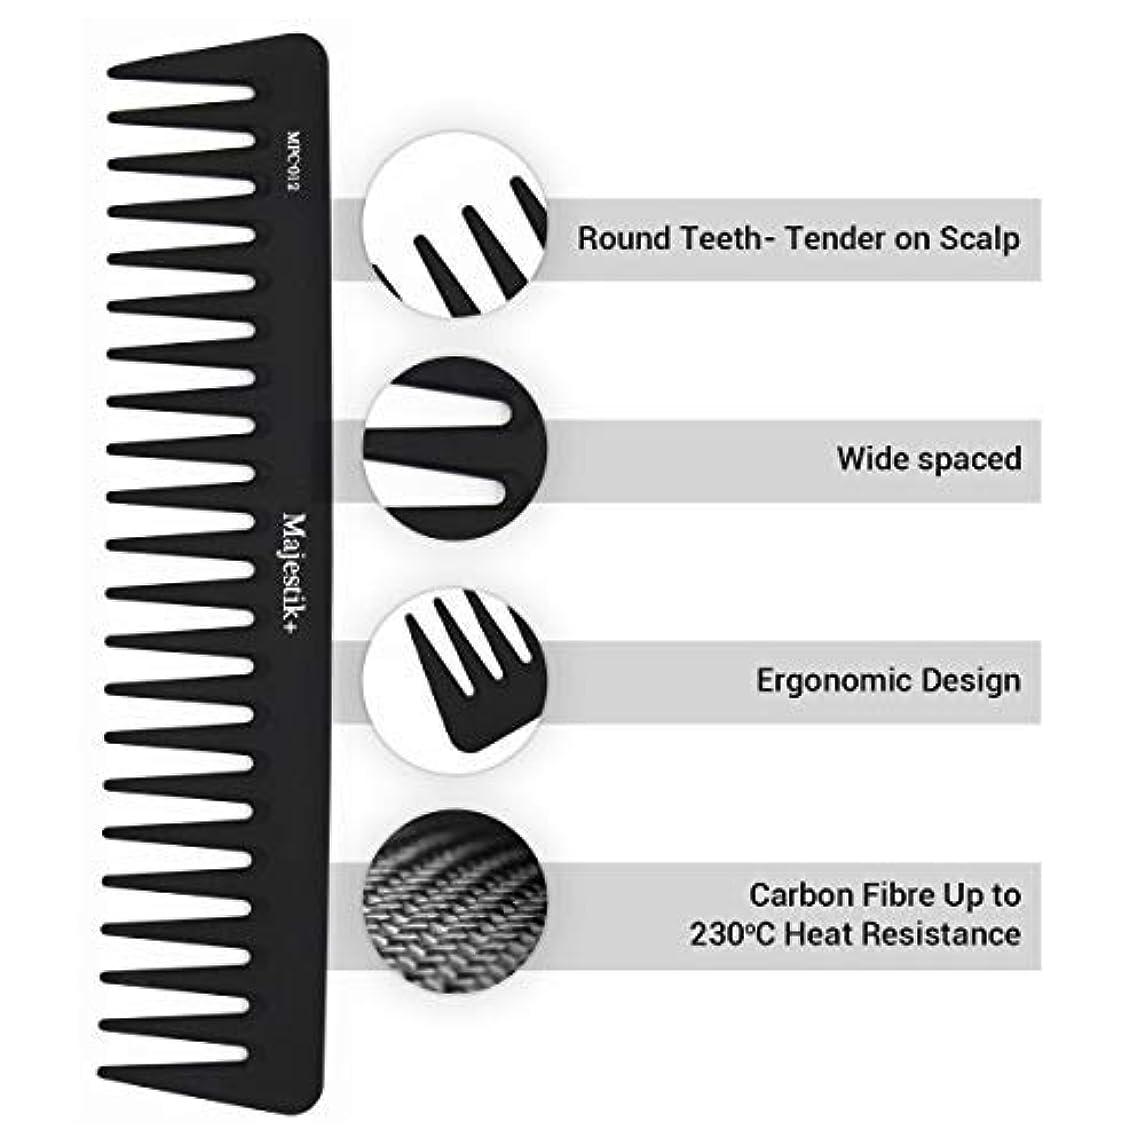 墓威信メニューWide Tooth Comb- a Professional Carbon Fibre Hair Comb by Majestik+, Anti-Static, Strength & Durability, in Black...